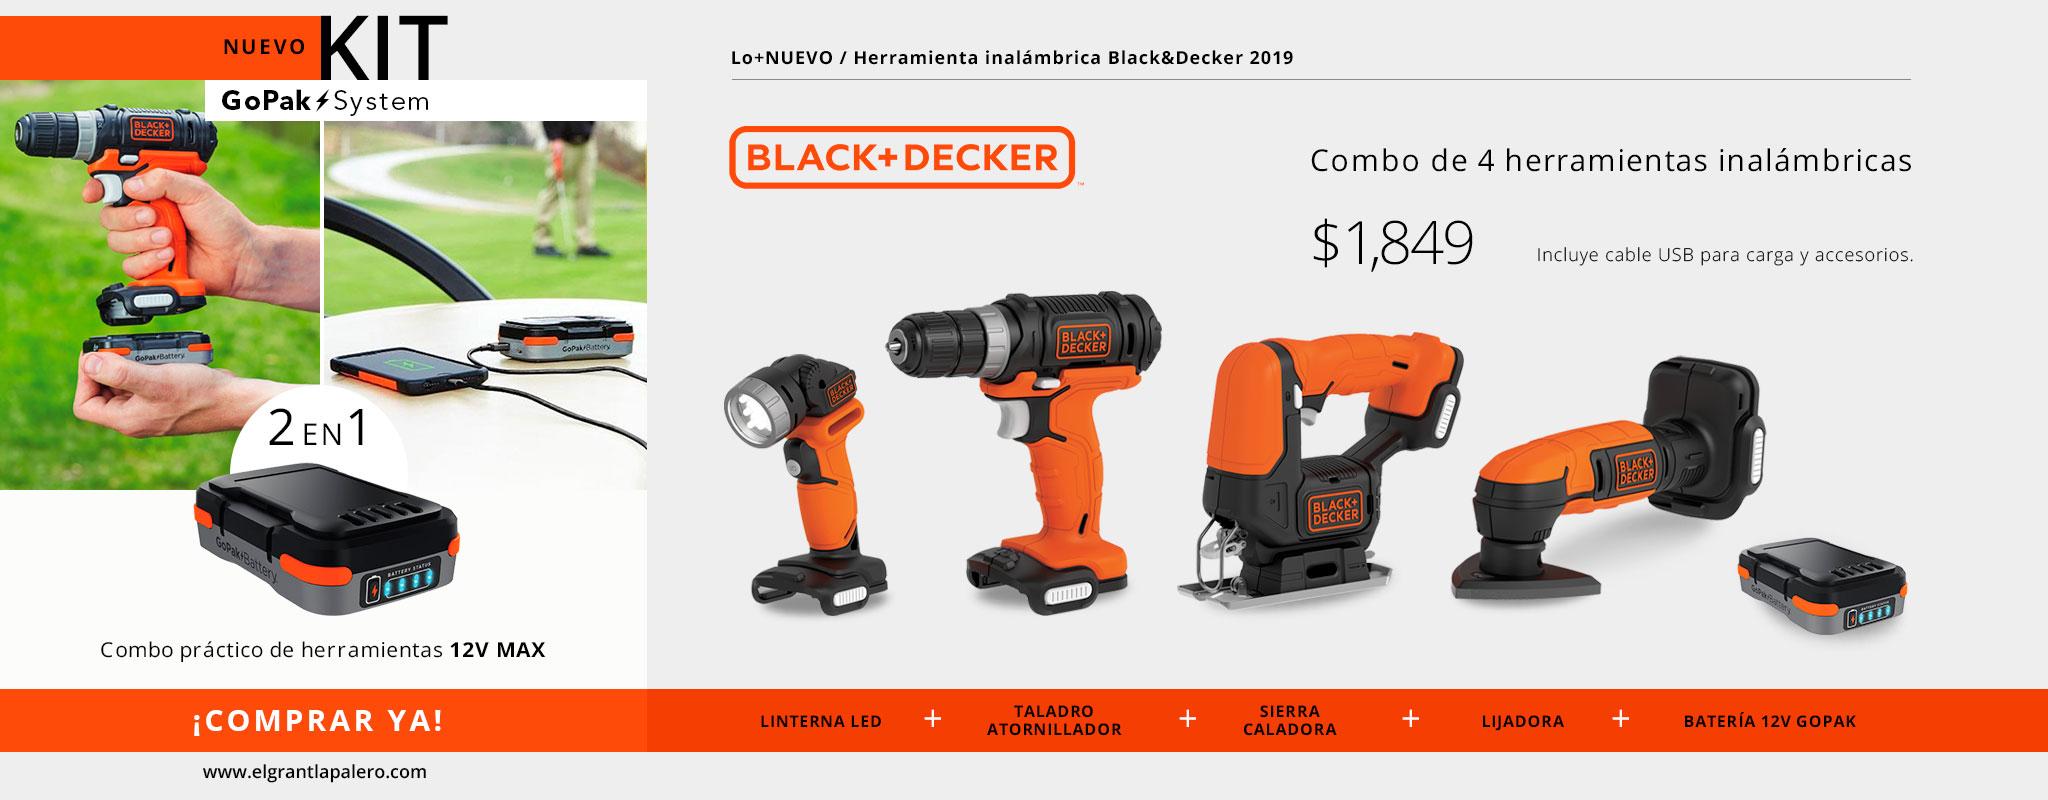 Nueva herramienta inalámbrica para tus Proyectos: GoPak Black&Decker